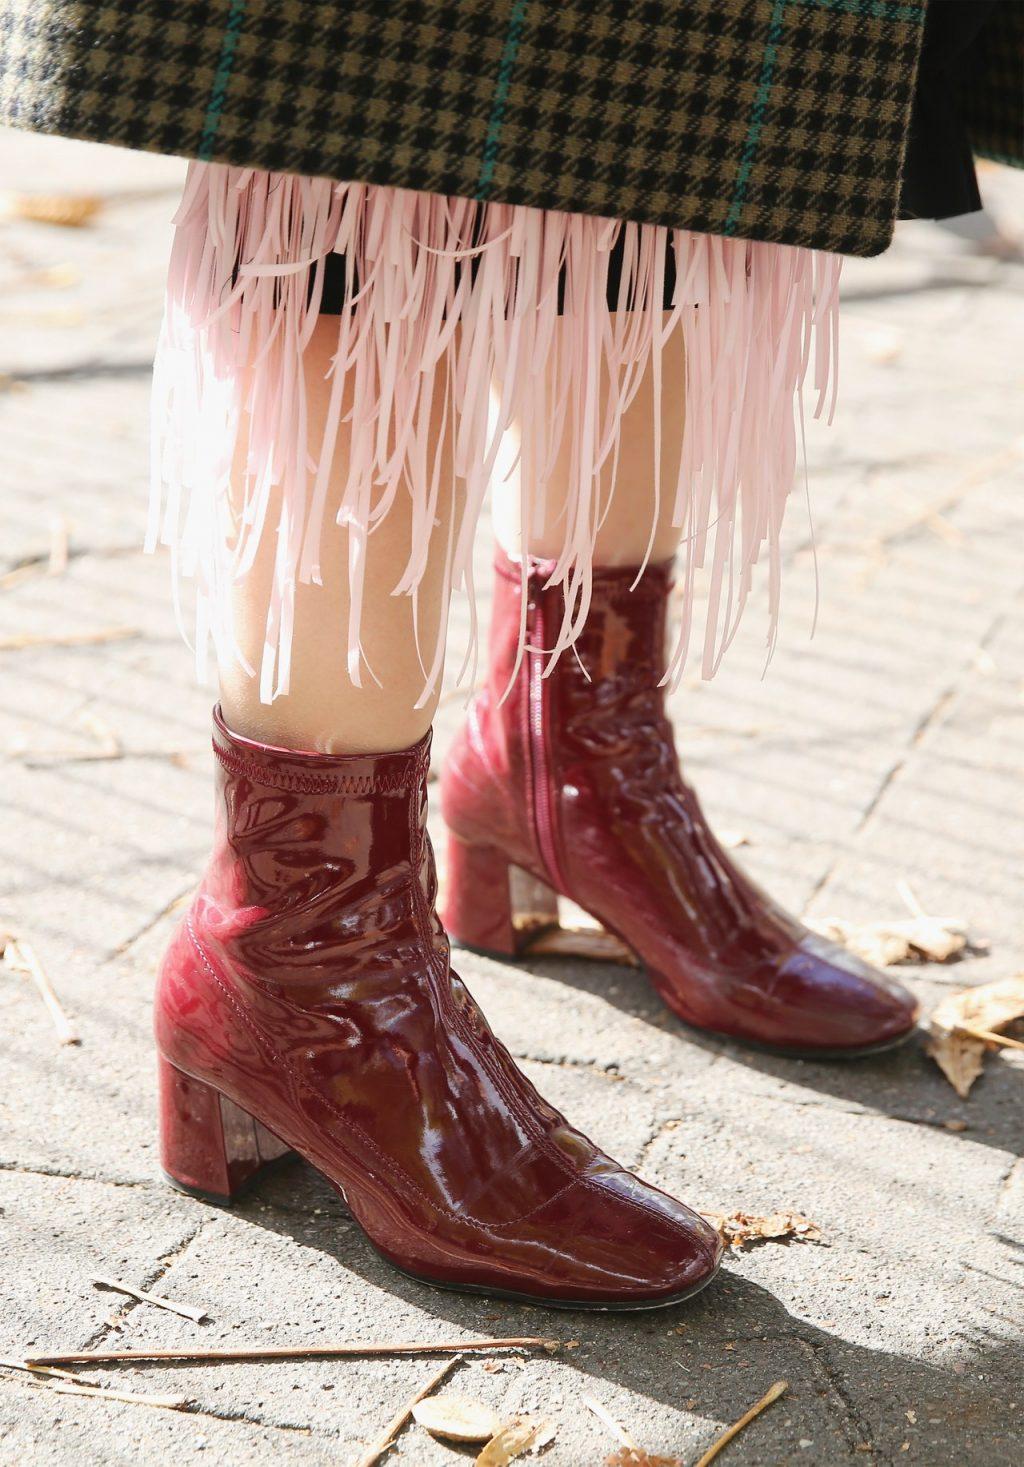 trang phục dự tiệc đỏ burgundy cho mùa lễ hội 39